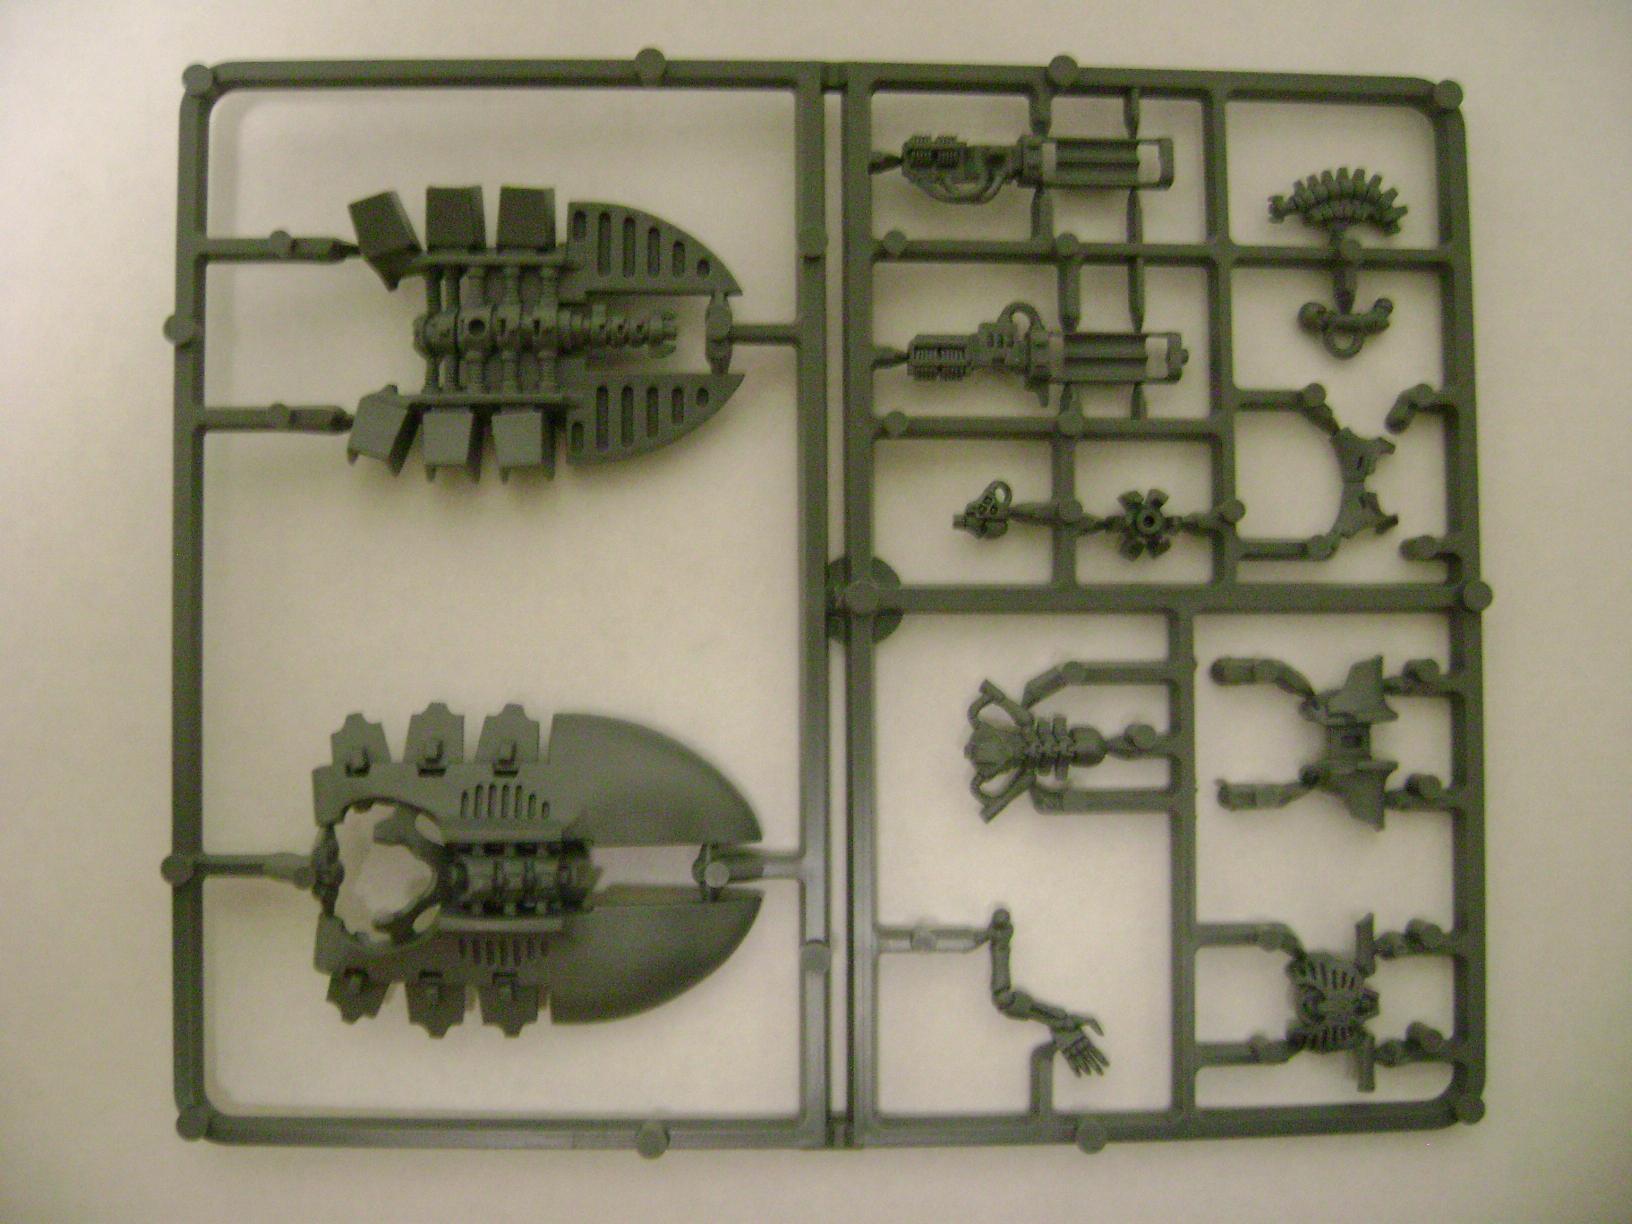 Destroyer, Necrons, Sprue, Warhammer 40,000